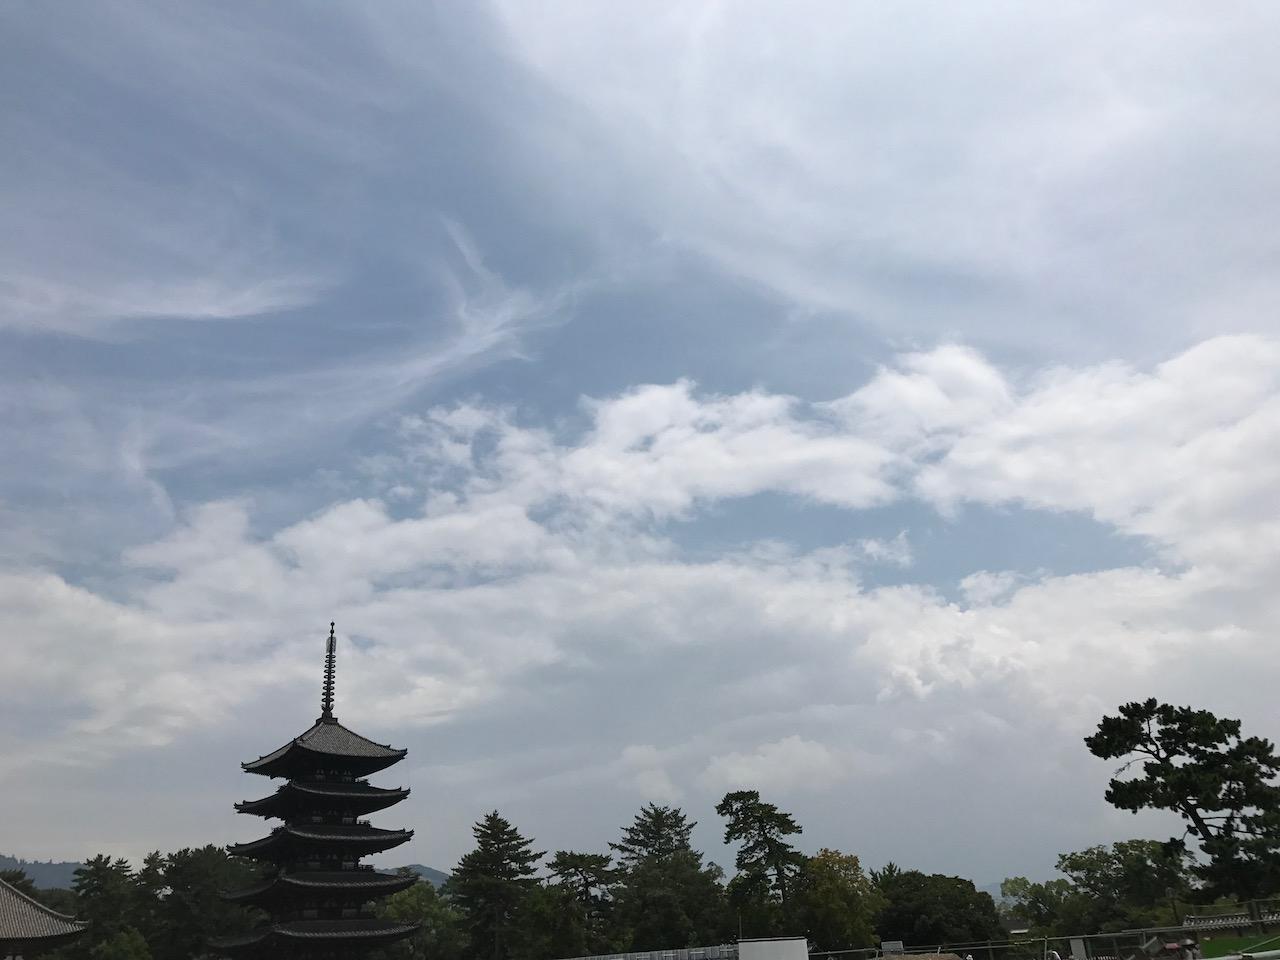 1日で関空から奈良の大神神社を参拝して、三輪そうめん食べて、興福寺行って春日大社行って東大寺行ってあべのハルカスを見上げつつ伊丹空港から羽田に帰ってくる一人修学旅行を満喫した日。たぶん体力的にもうできない弾丸ツアー。